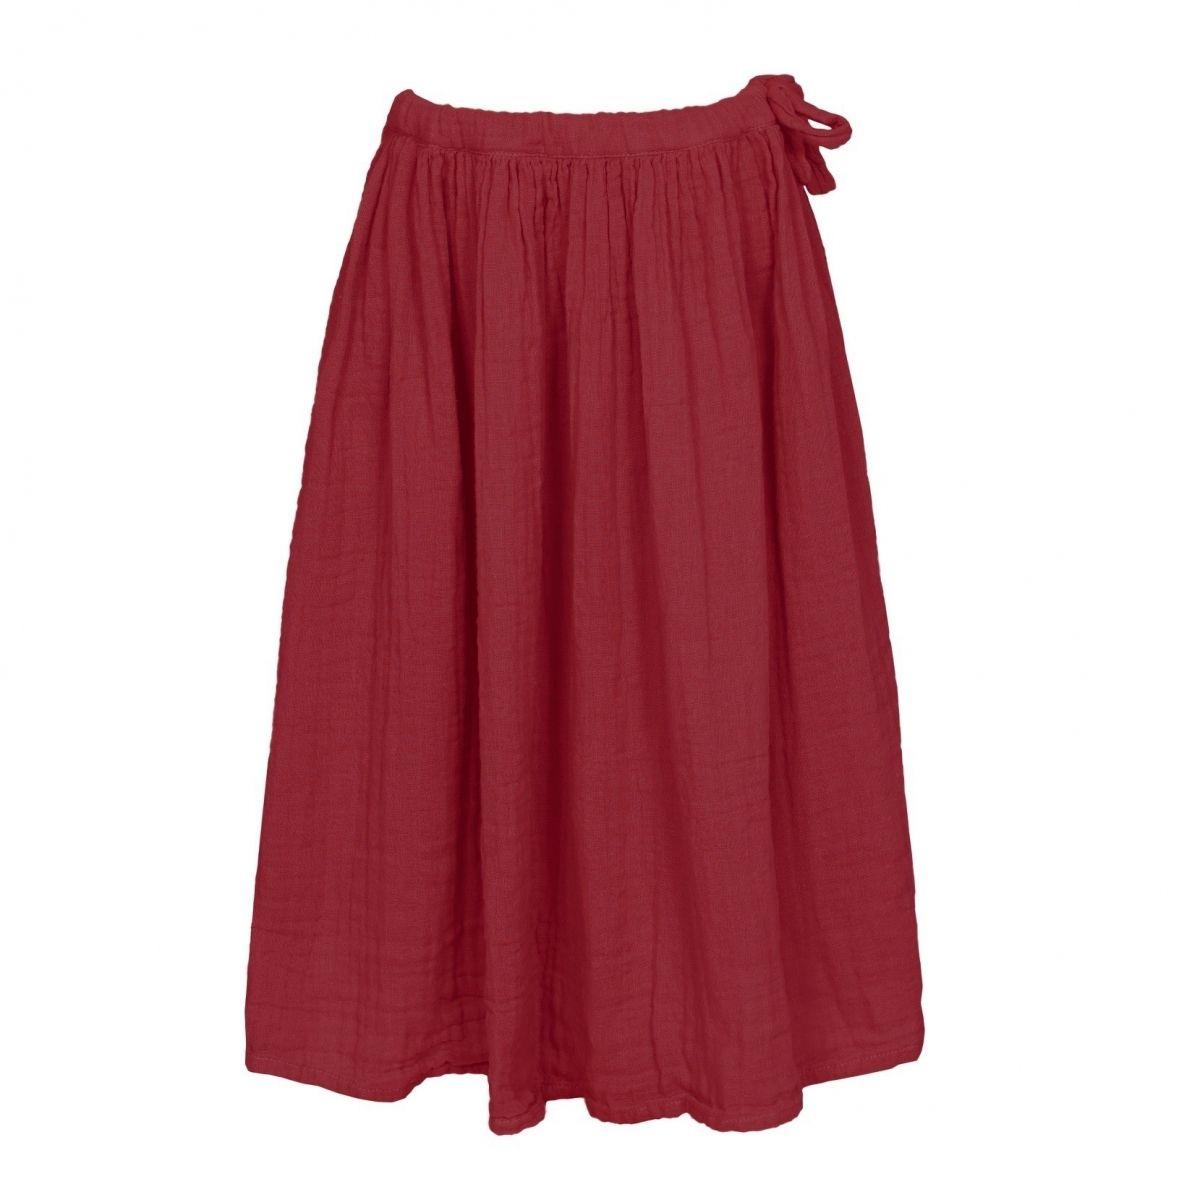 Numero 74 Spódnica dla dziewczynek Ava długa czerwona